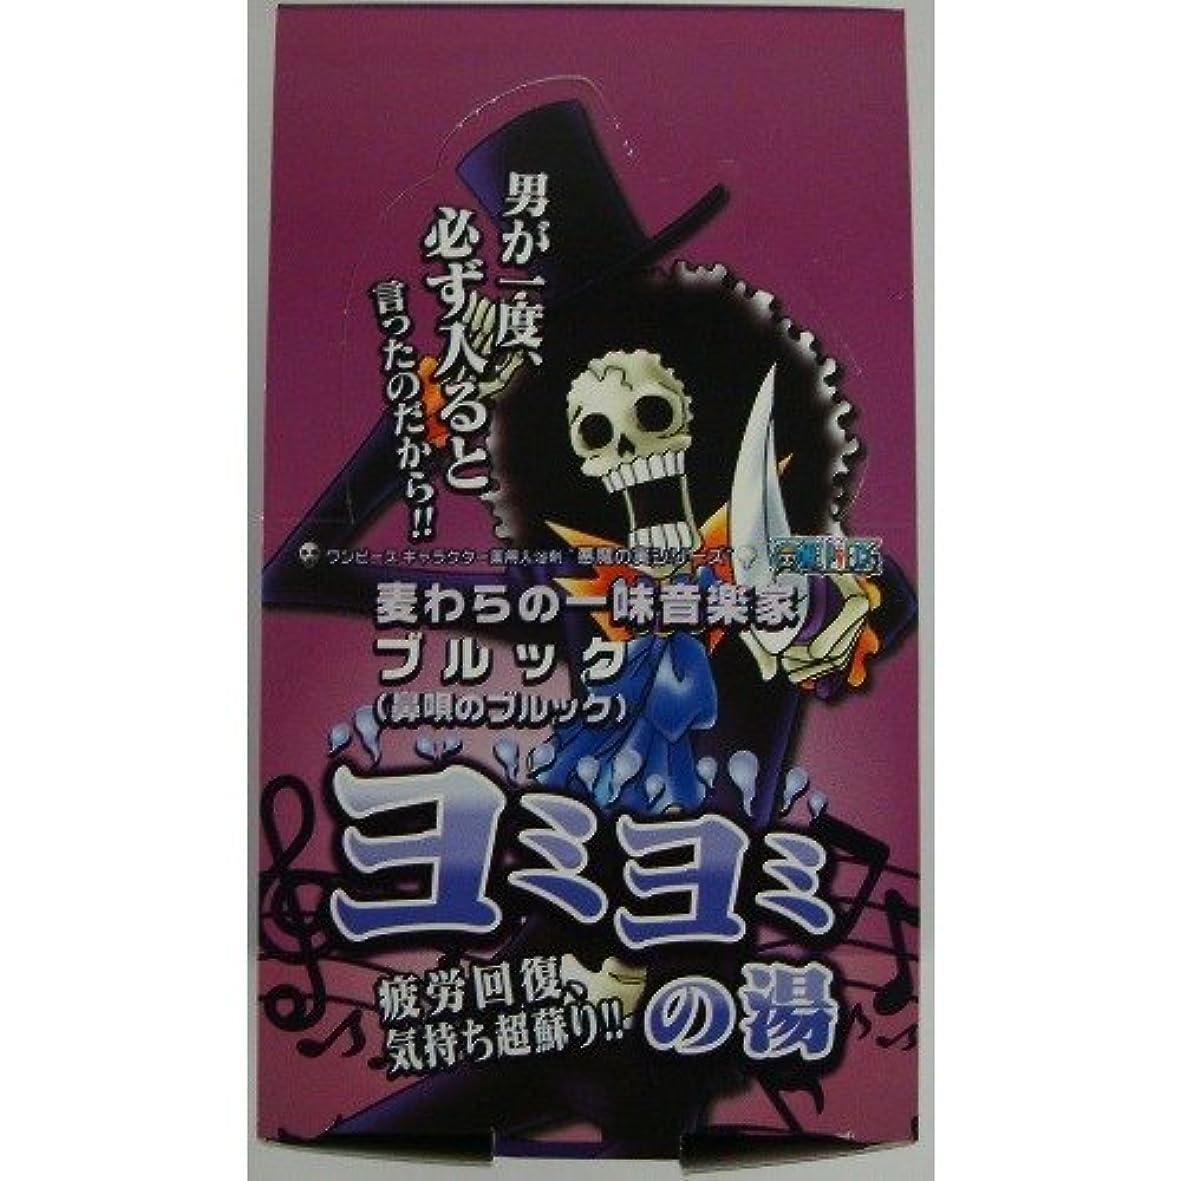 見込み重なるブレース悪魔の実シリーズ ヨミヨミの湯 ブルック 25g